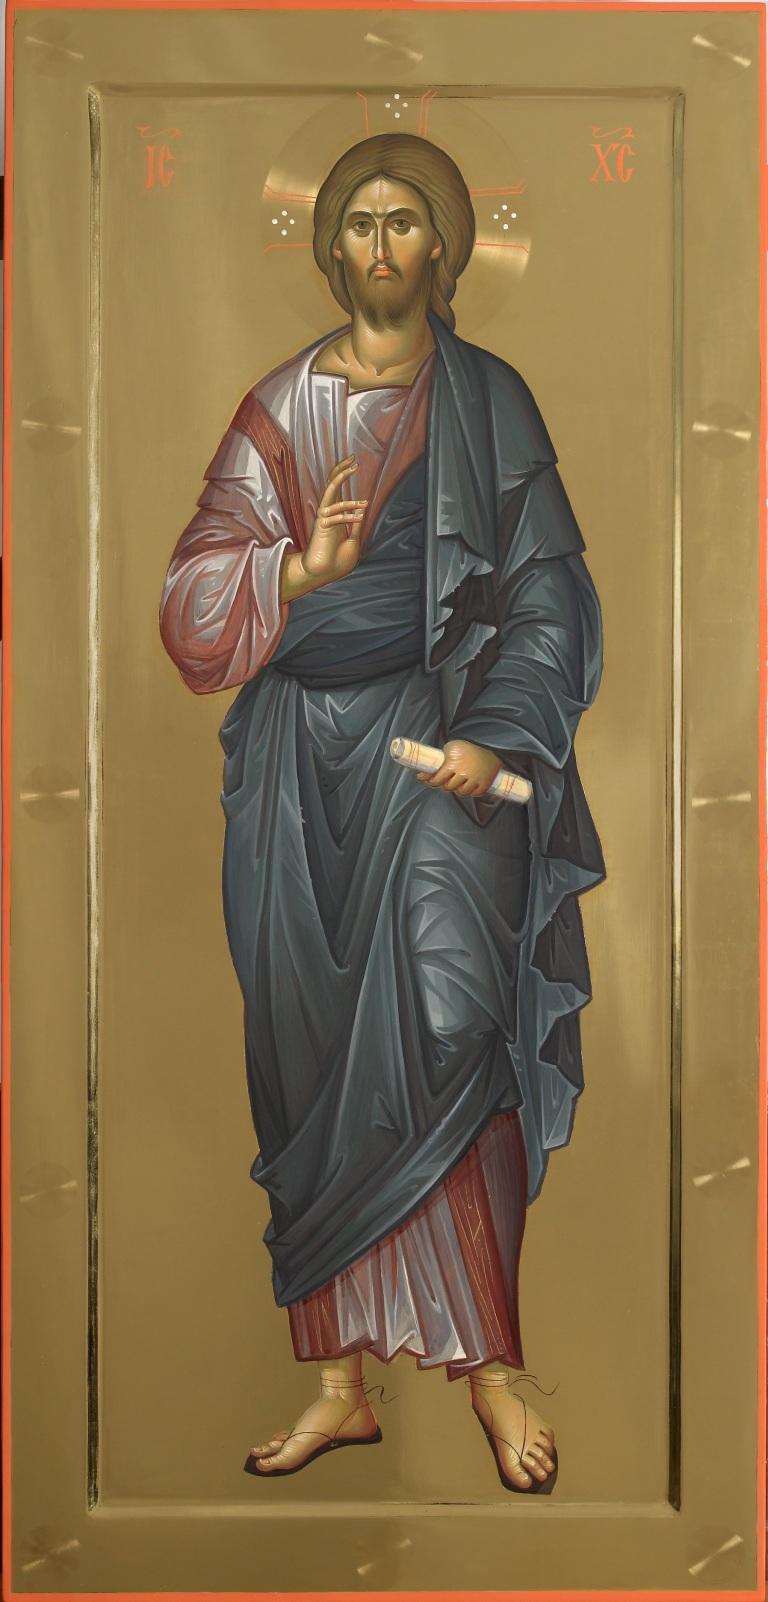 P. Ilie - Hristos